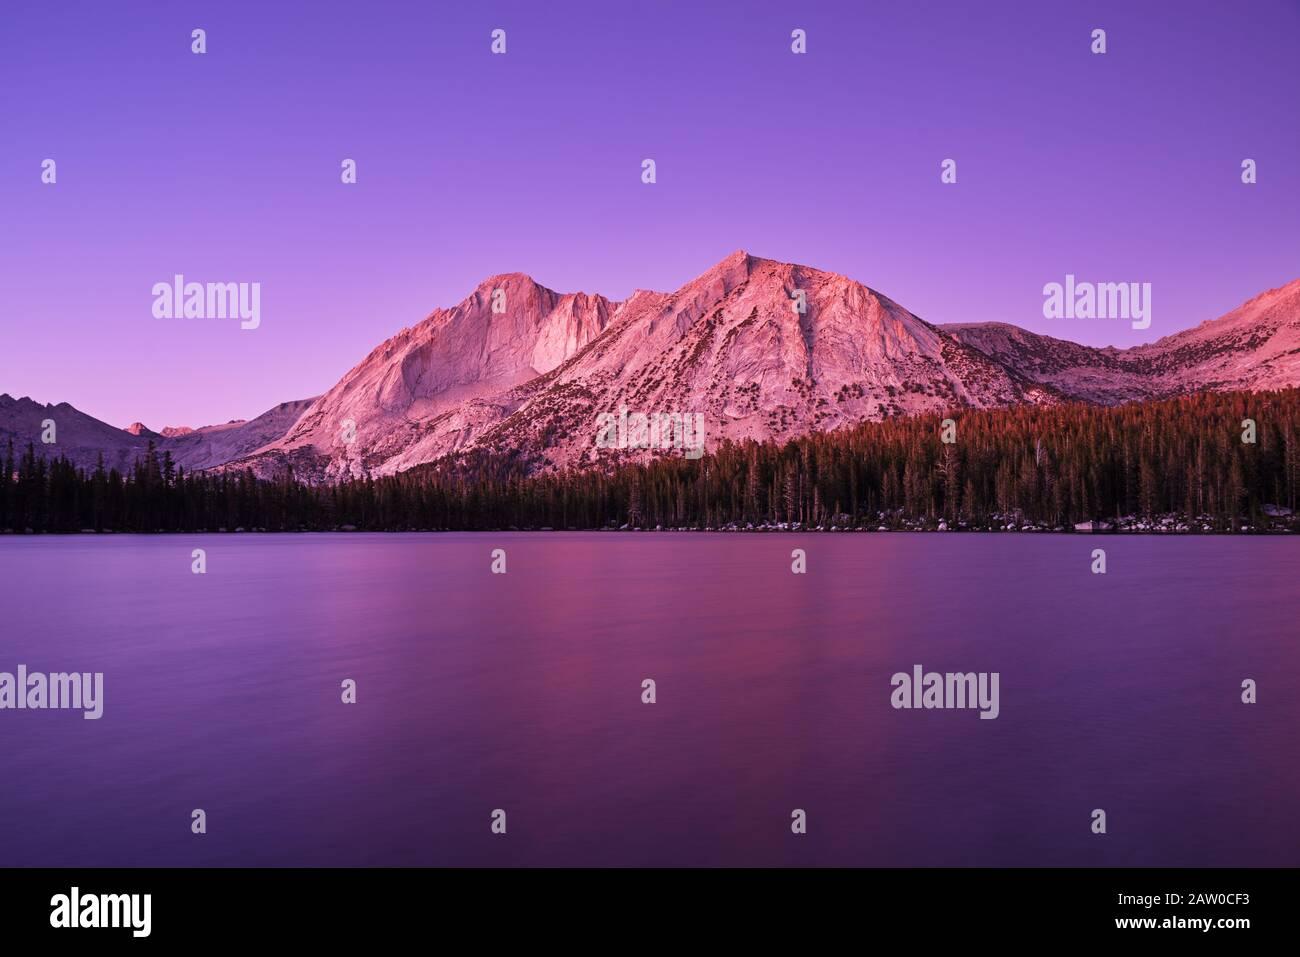 Mount Conness et Young Lake dans le parc national de Yosemite au crépuscule après le coucher du soleil avec une lueur violette Banque D'Images